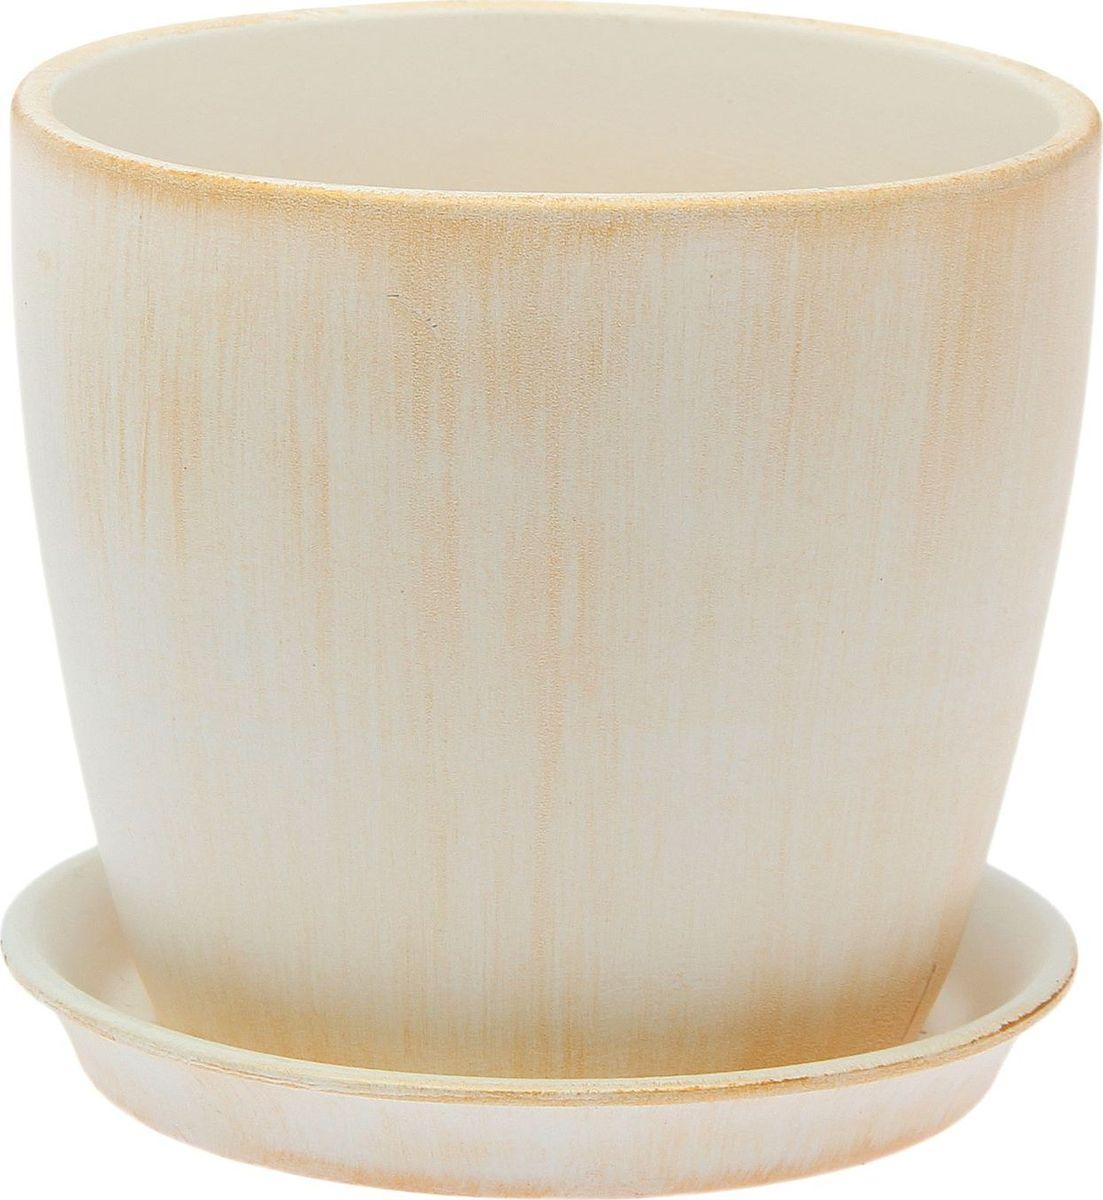 Кашпо Керамика ручной работы Осень. Патина, цвет: золотистый, 3 л2026657Комнатные растения — всеобщие любимцы. Они радуют глаз, насыщают помещение кислородом и украшают пространство. Каждому из них необходим свой удобный и красивый дом. Кашпо из керамики прекрасно подходят для высадки растений: за счёт пластичности глины и разных способов обработки существует великое множество форм и дизайновпористый материал позволяет испаряться лишней влагевоздух, необходимый для дыхания корней, проникает сквозь керамические стенки! #name# позаботится о зелёном питомце, освежит интерьер и подчеркнёт его стиль.